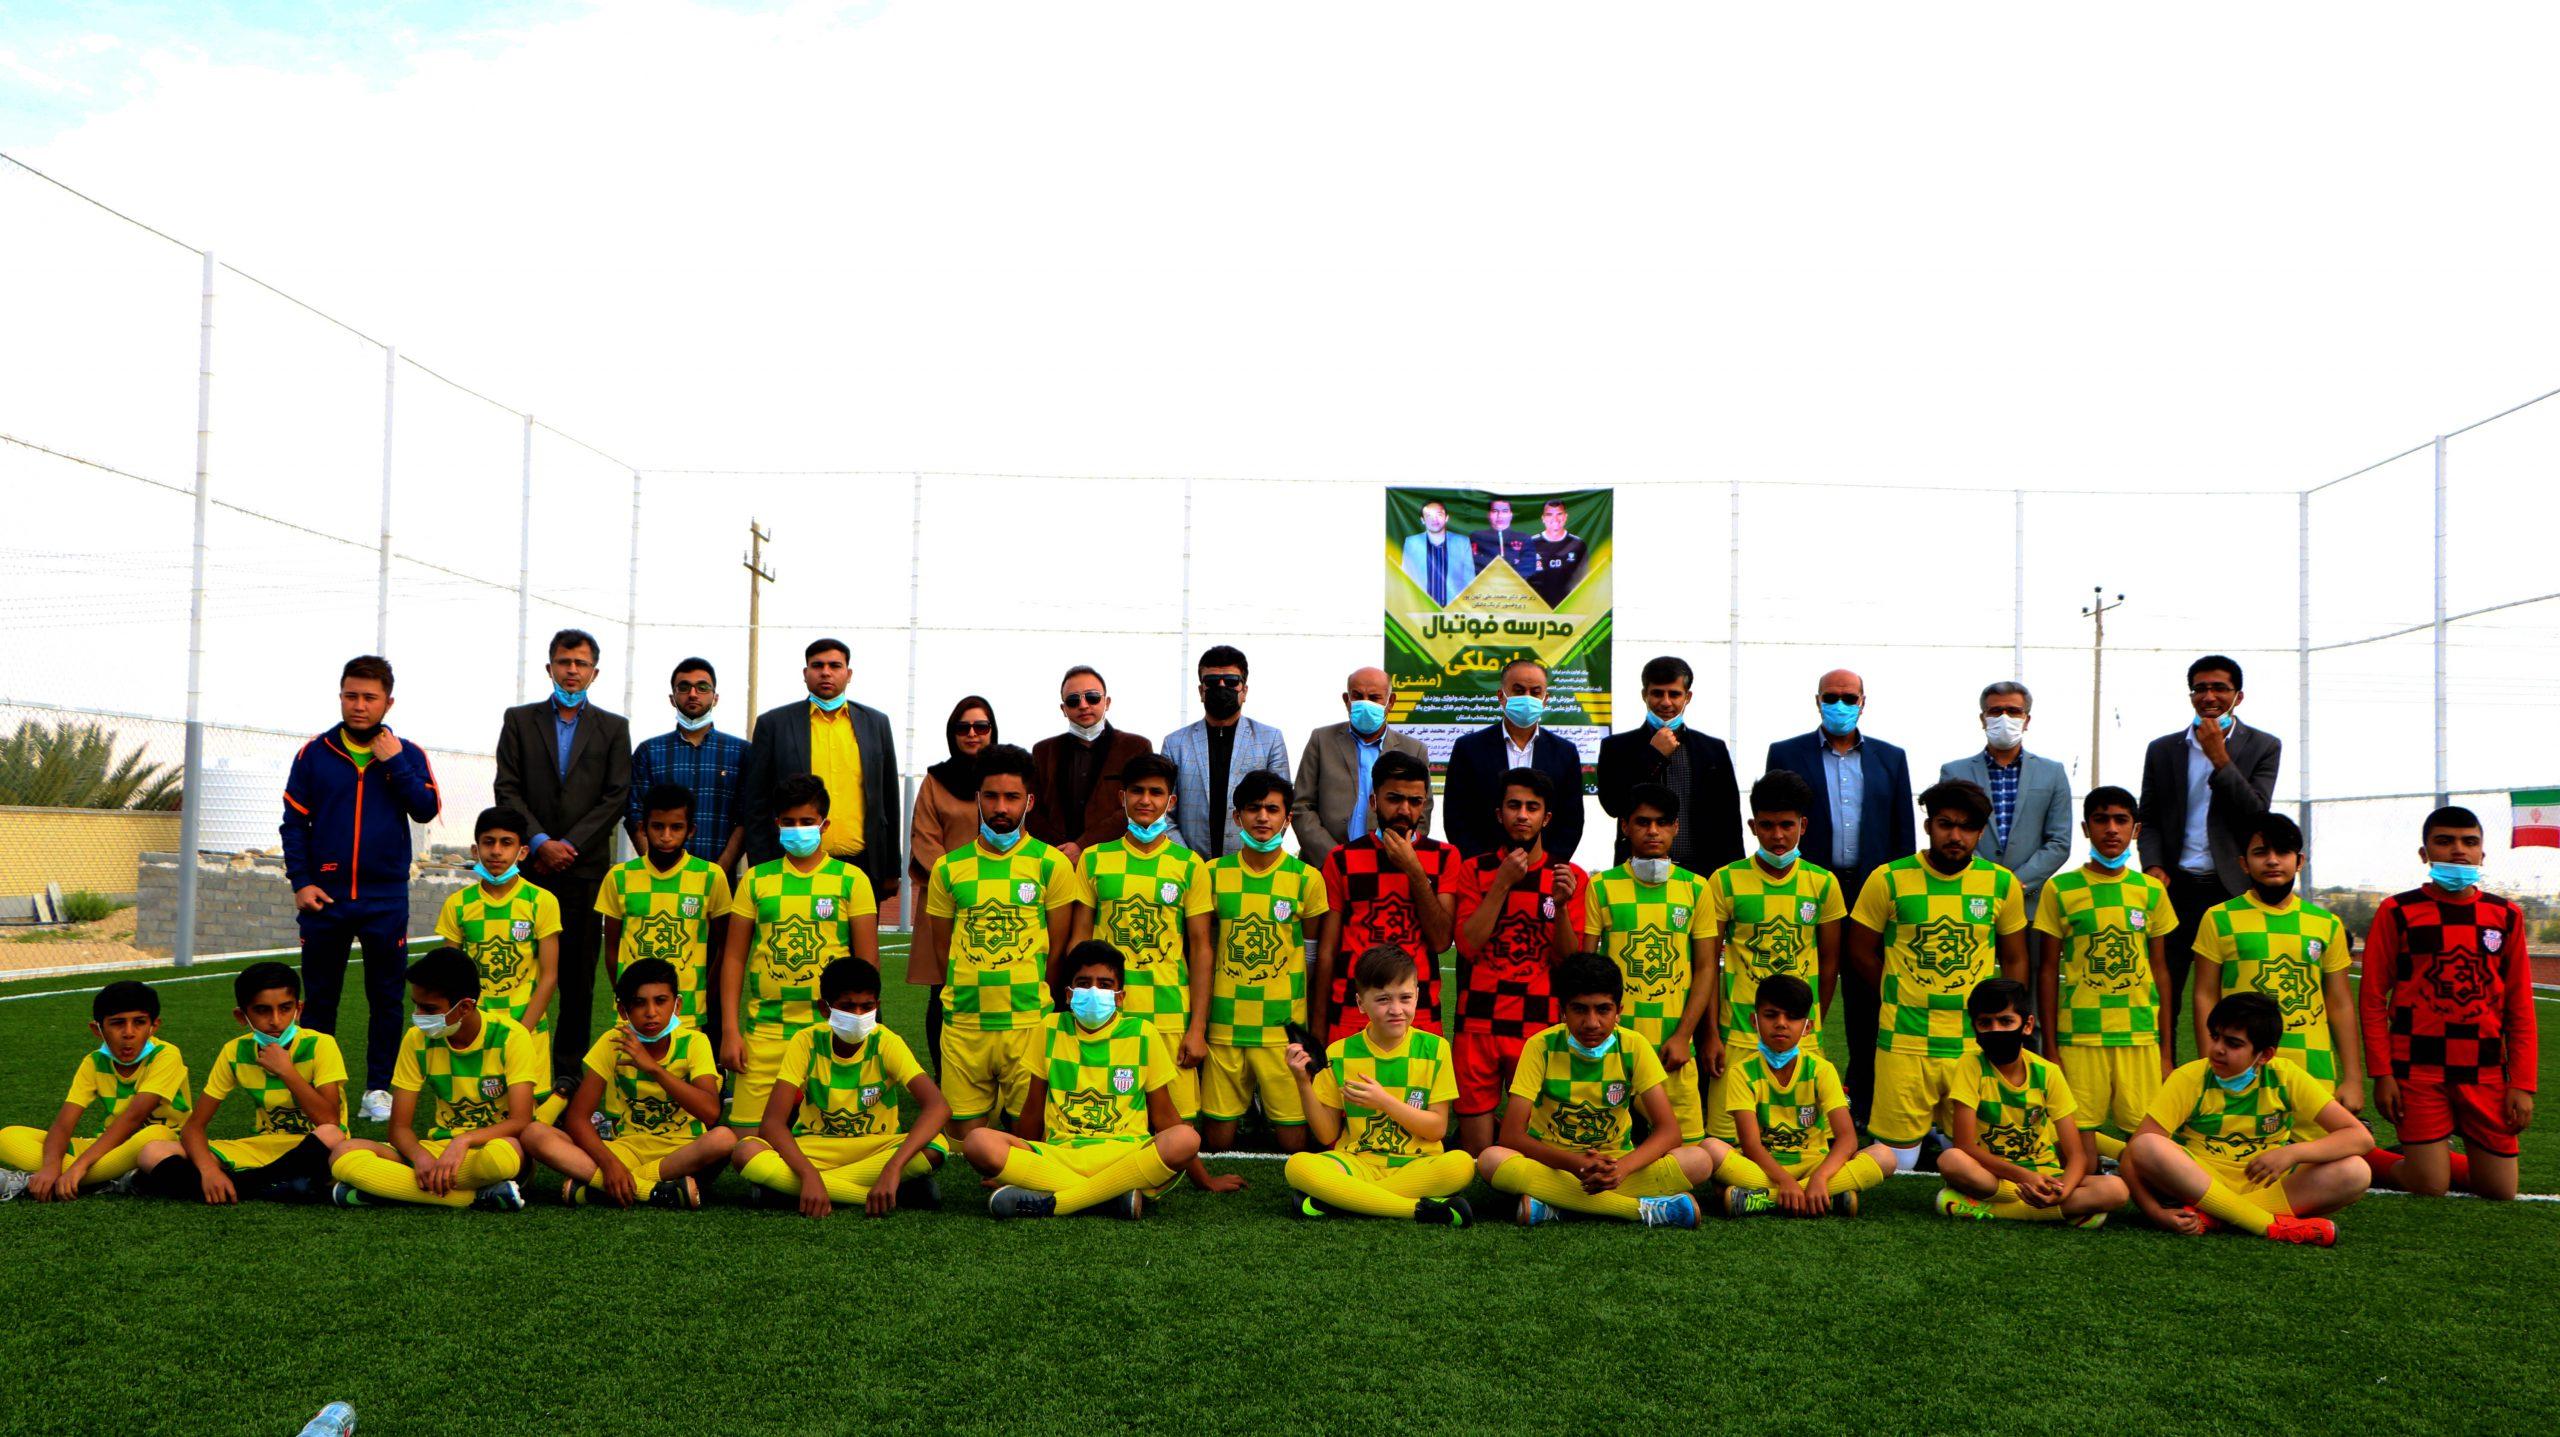 قرارداد همکاری دانشگاه دولتی با مدرسه فوتبال آذرمهرلامرد